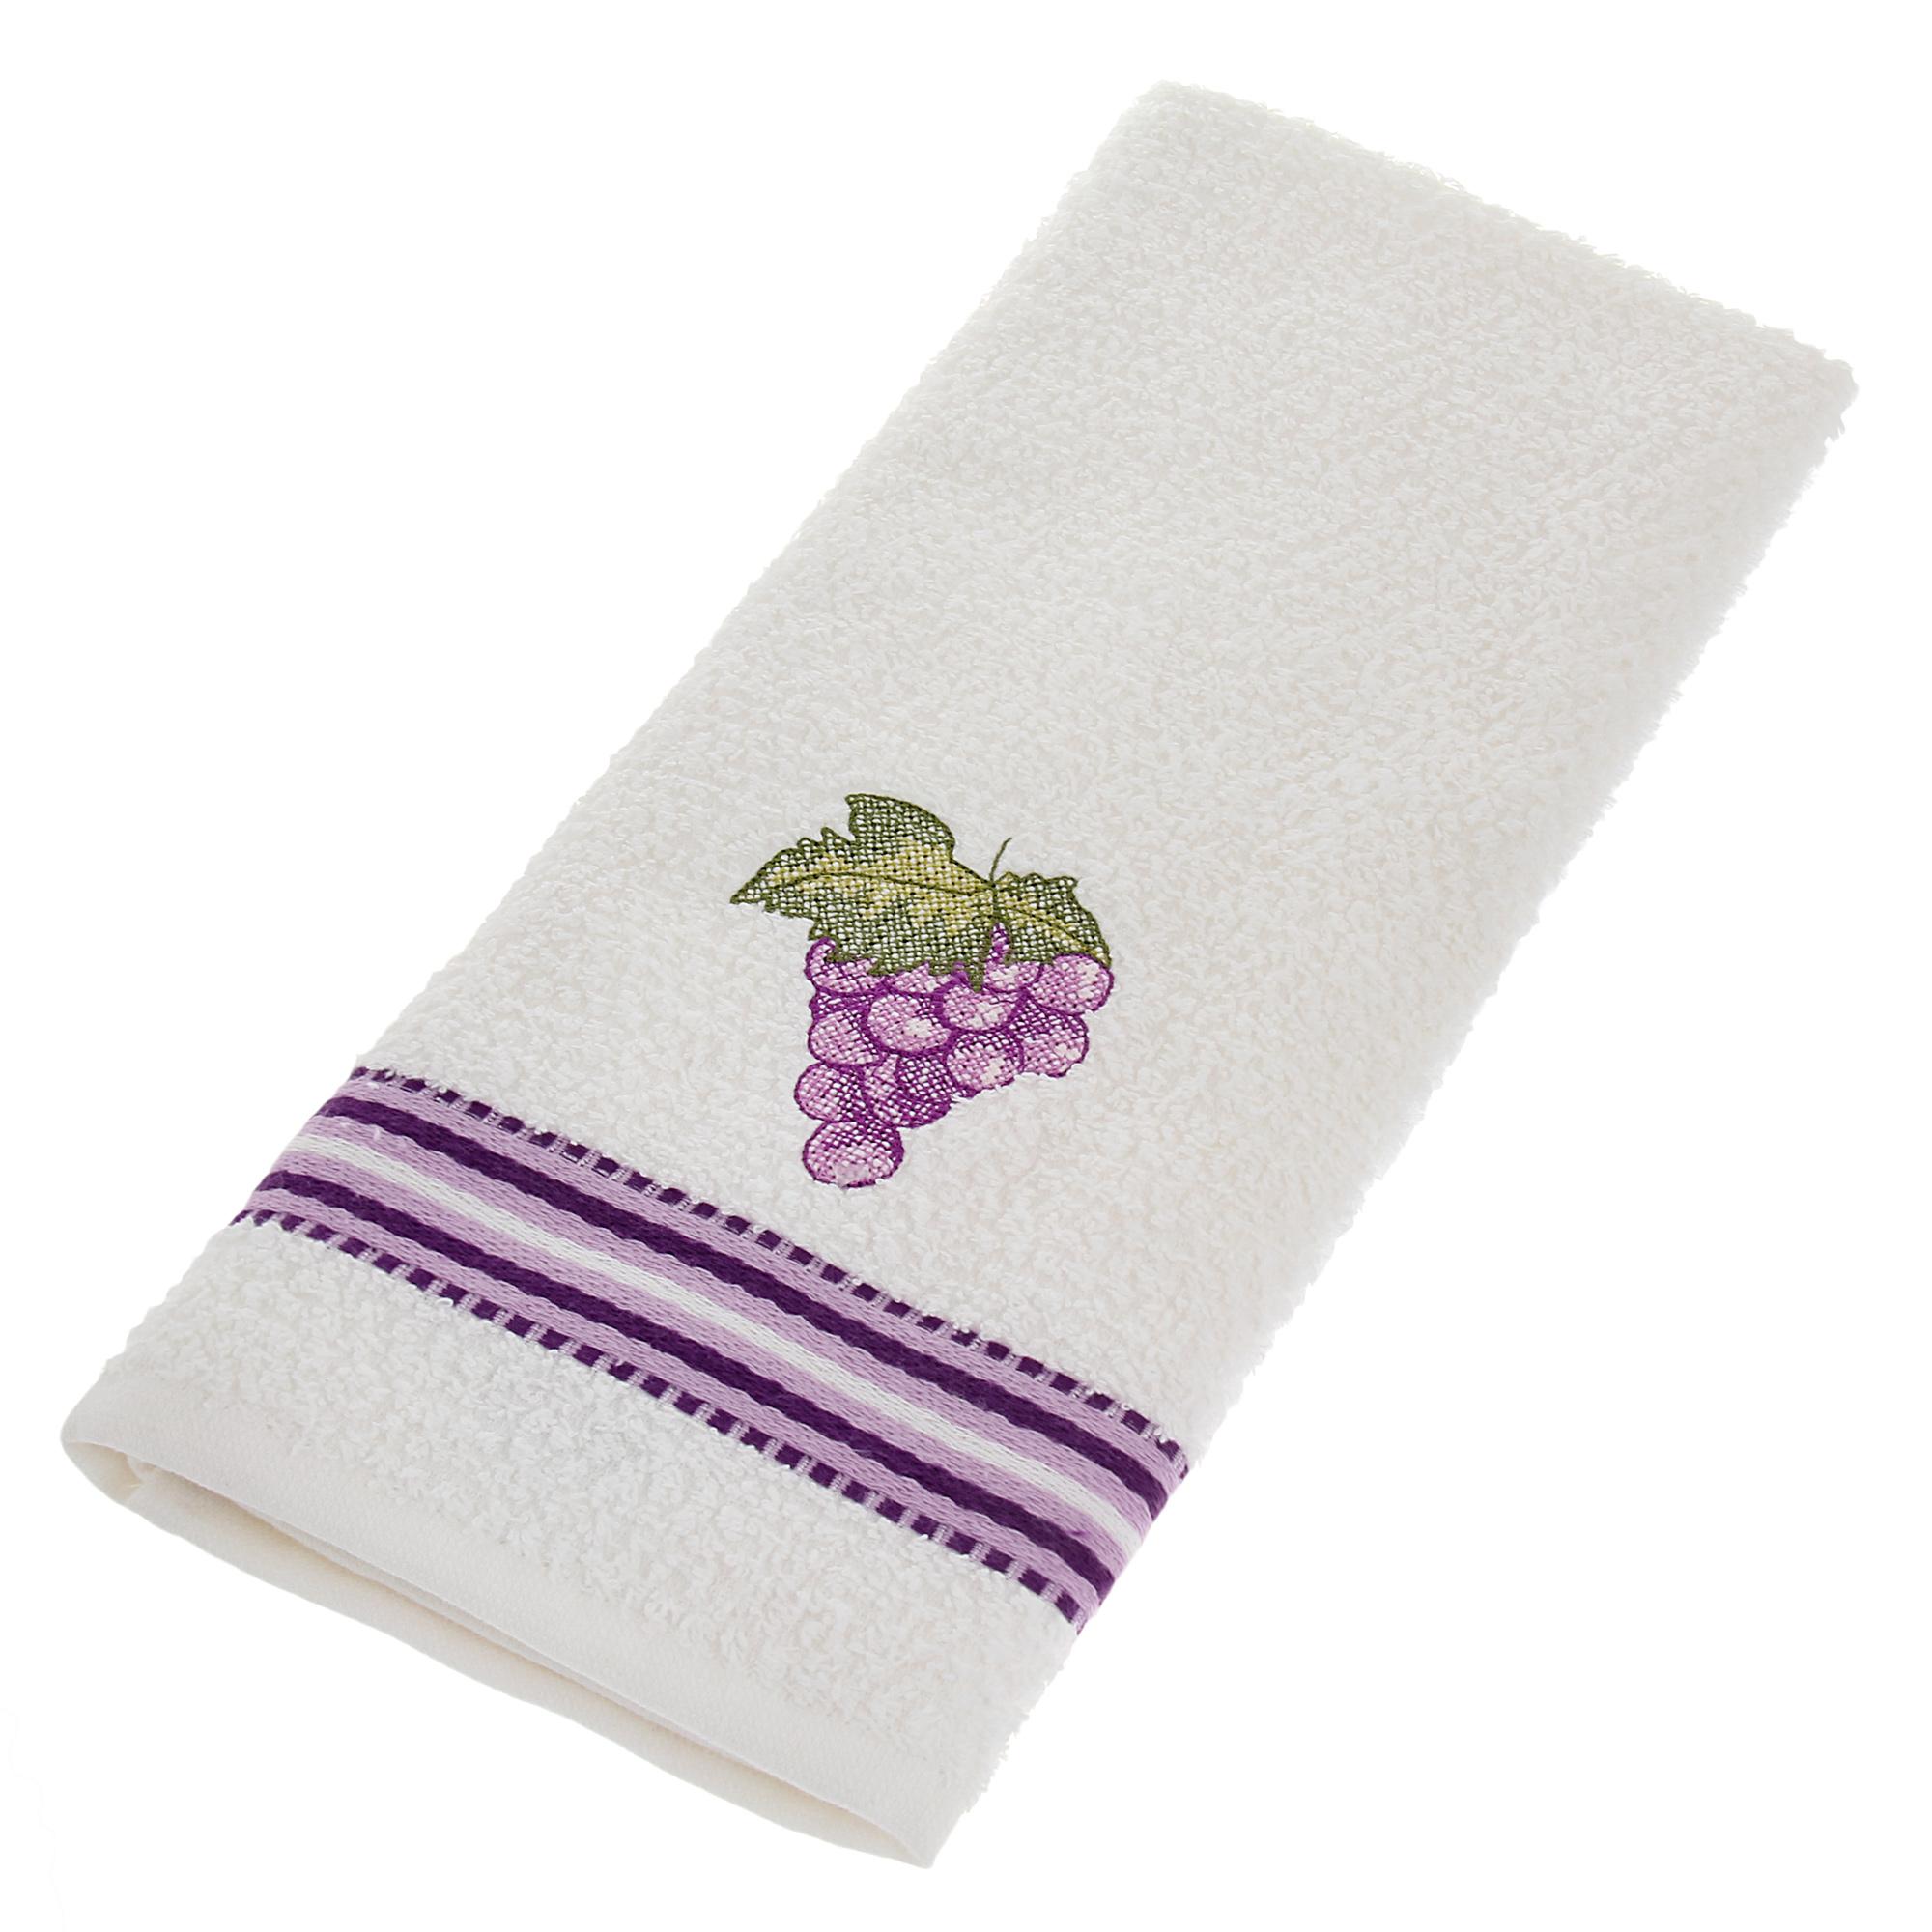 Купить со скидкой Кухонное полотенце Asil confectura 45х70 grap